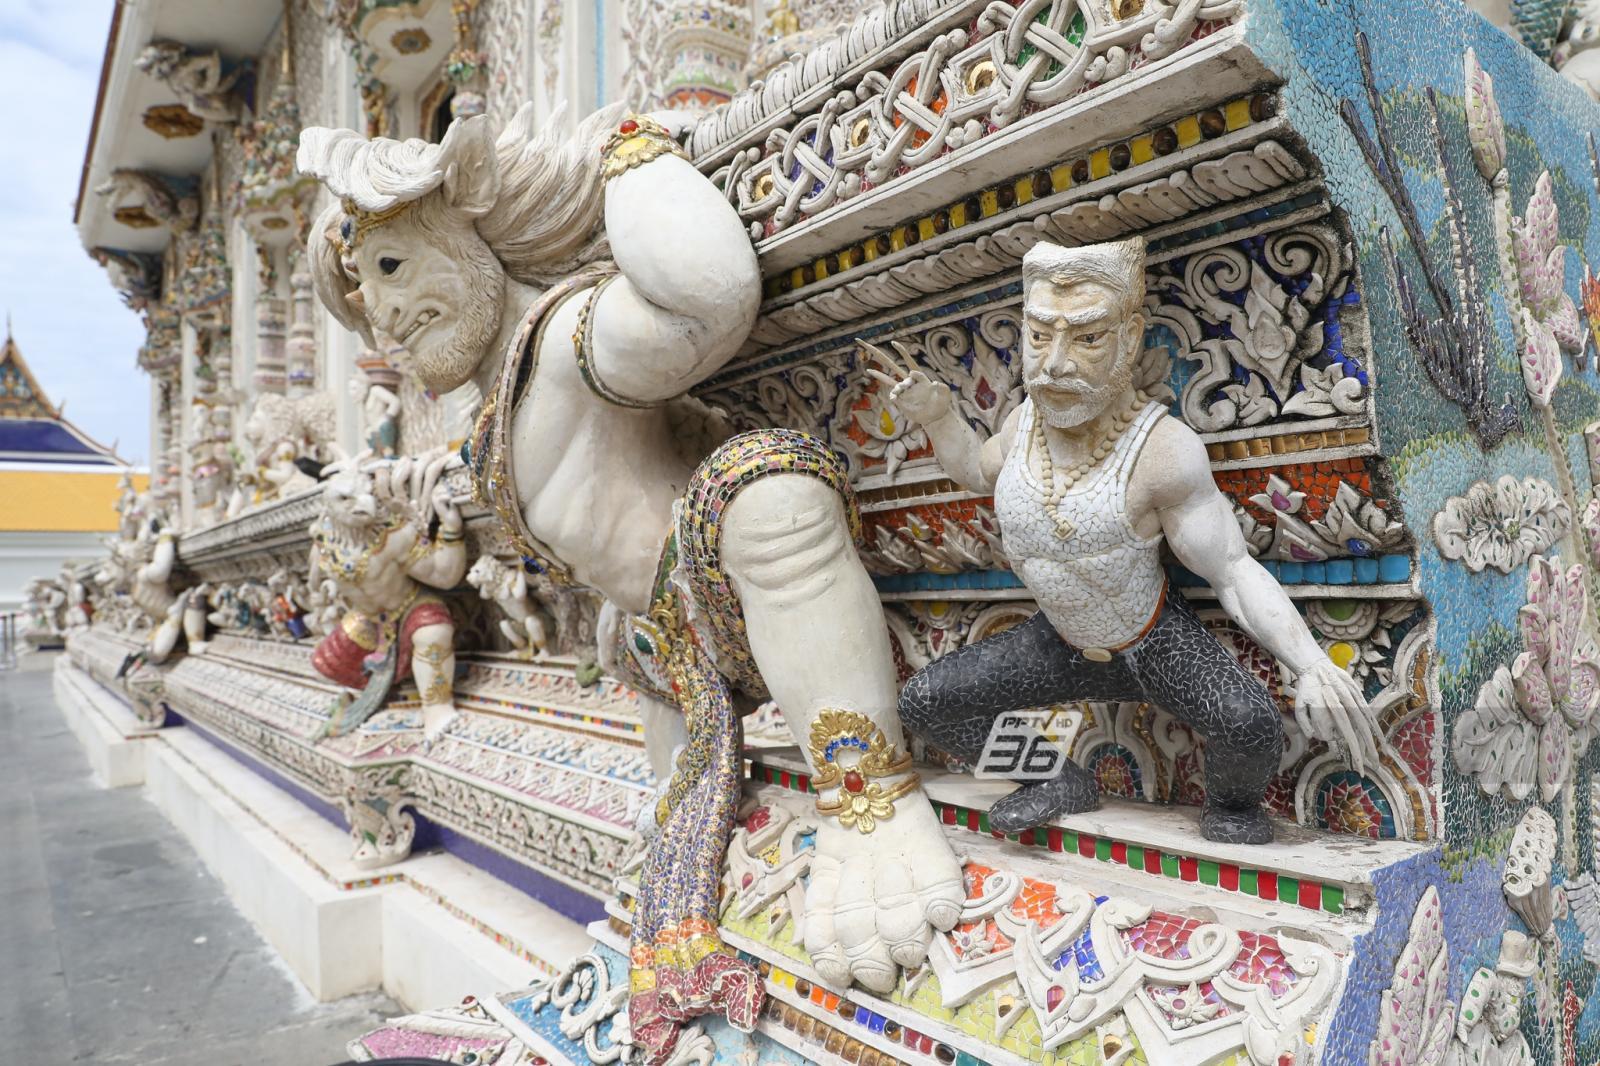 """ยลโฉมศิลปะการ์ตูนร่วมสมัย """"วัดปริวาสราชสงคราม"""" หวังเยาวชนสนใจพระพุทธศาสนา"""